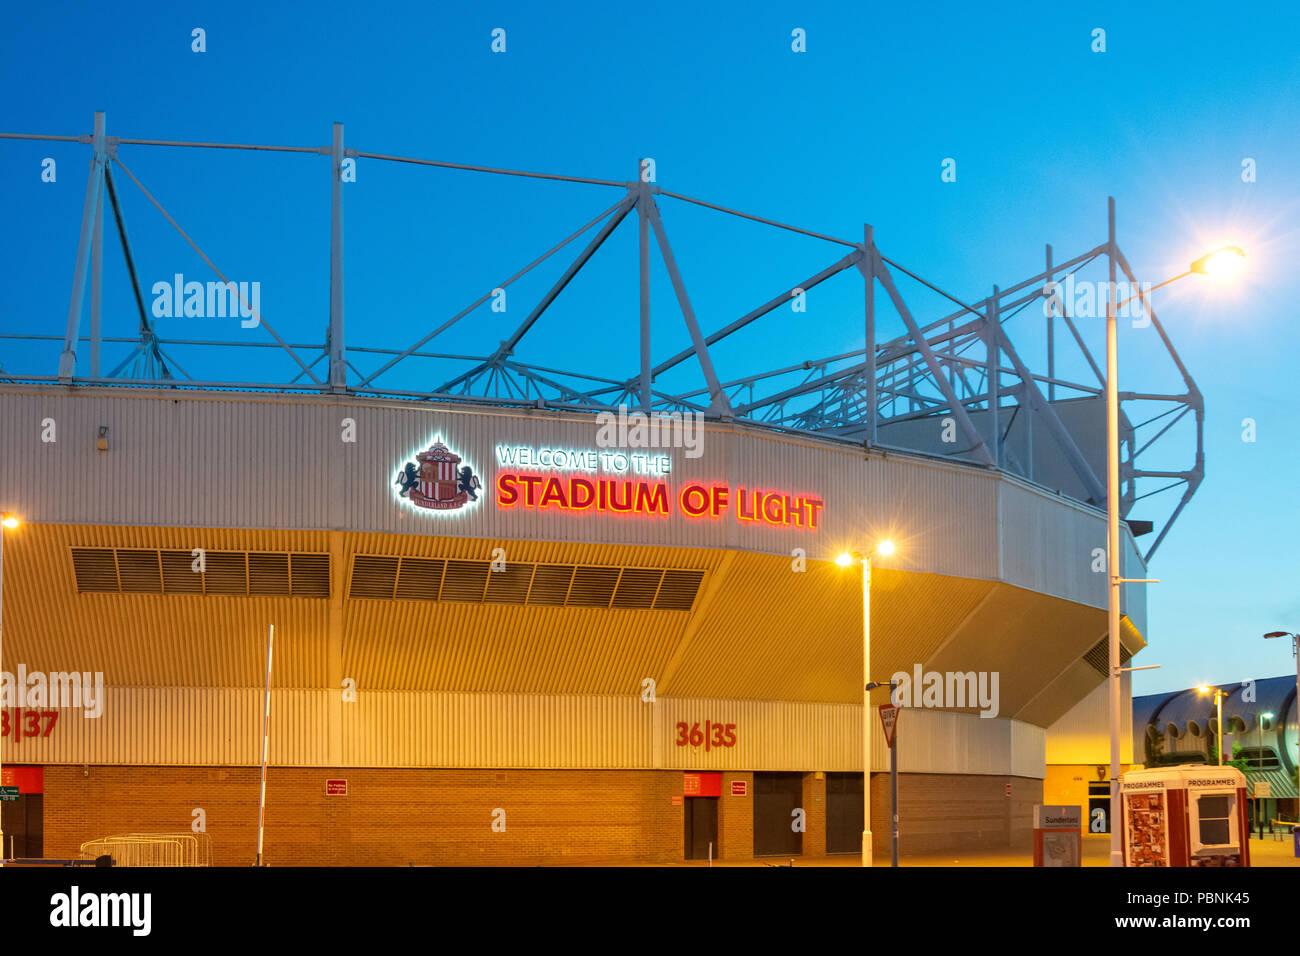 The Stadium of Light at dusk, Vaux Brewery Way, Sheepfolds, Sunderland, Tyne and Wear, England, United Kingdom Stock Photo